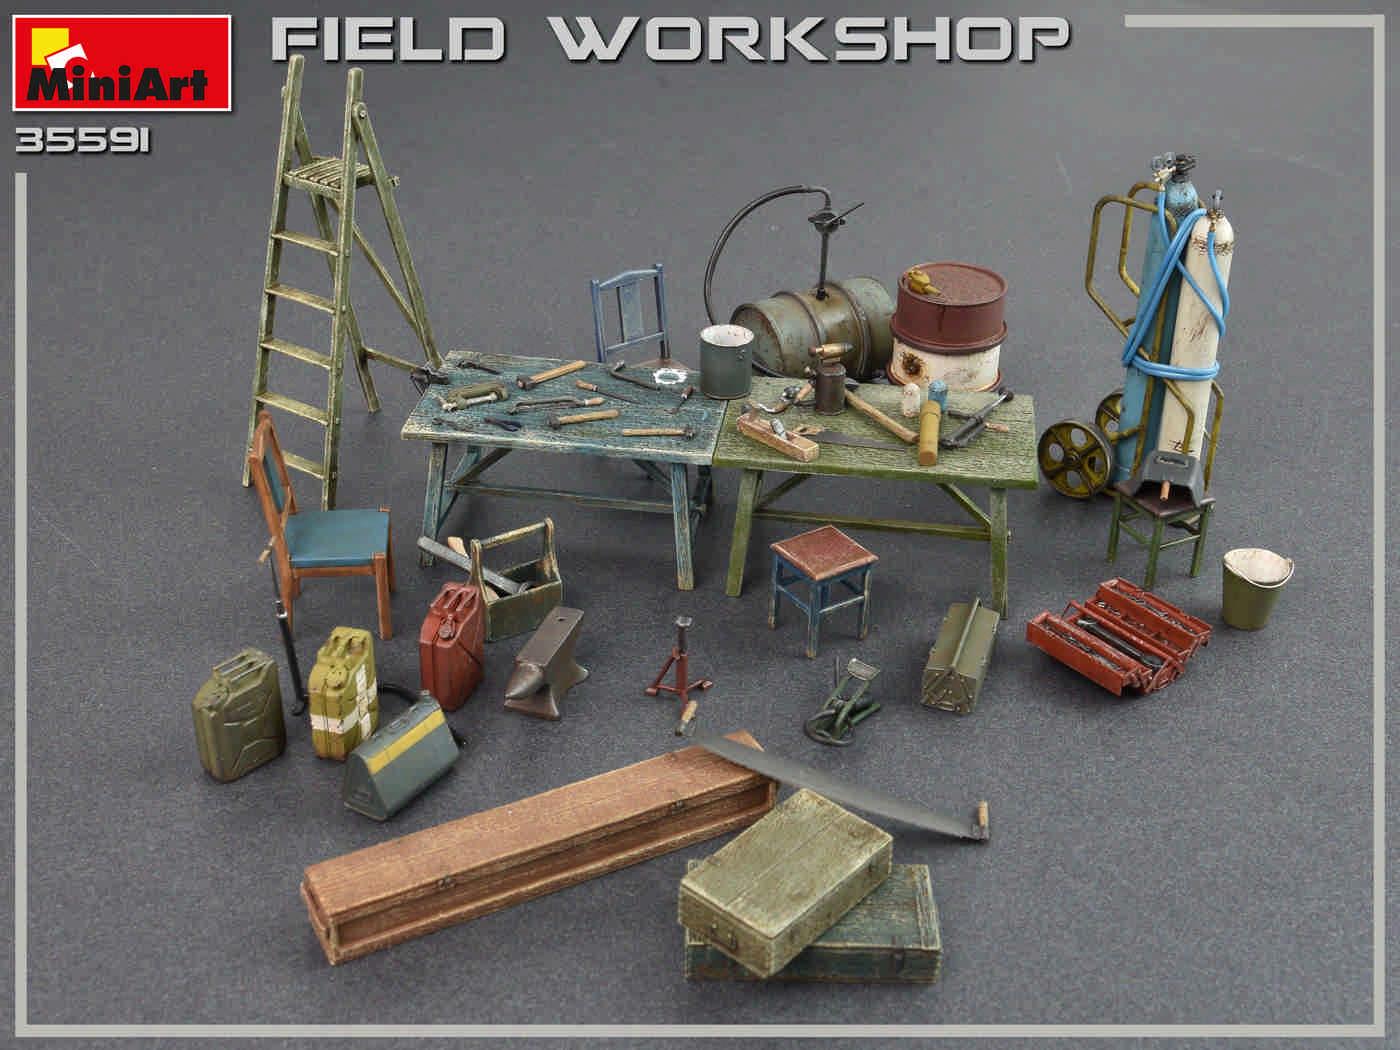 Accessories Set Officina Fiel Workshop kit MINIART 1:35 MA35591